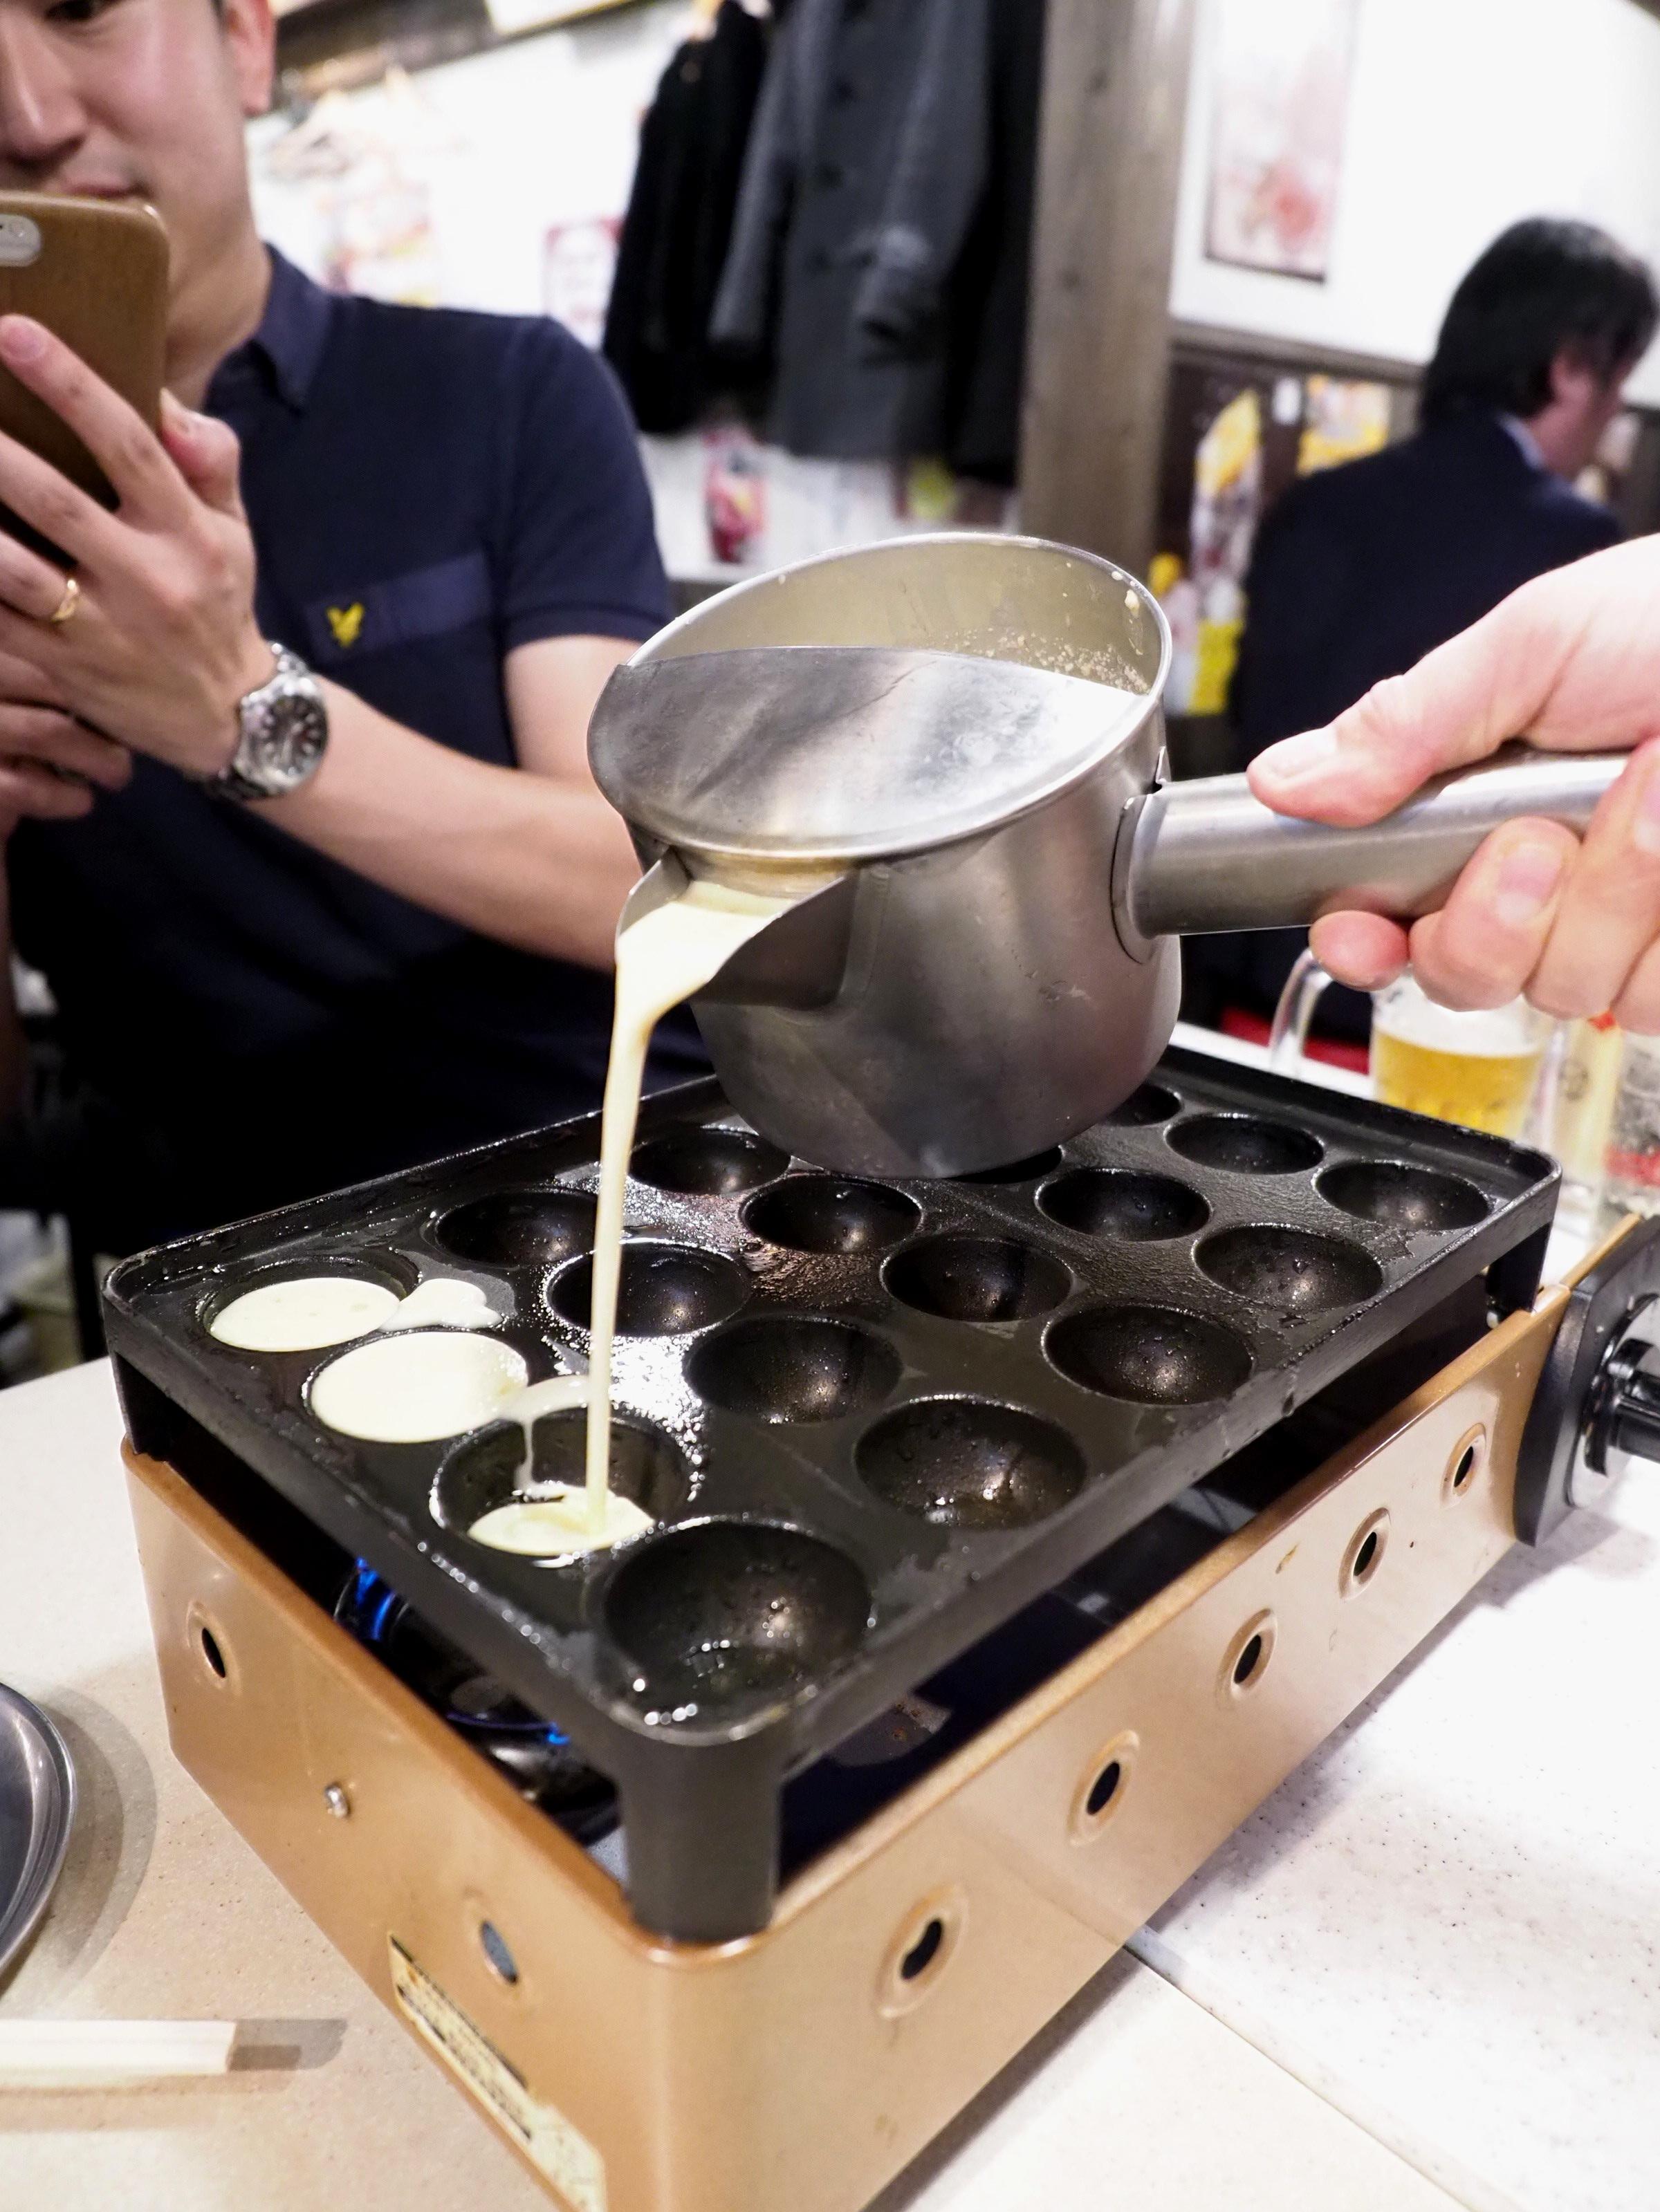 Let's make some takoyaki!